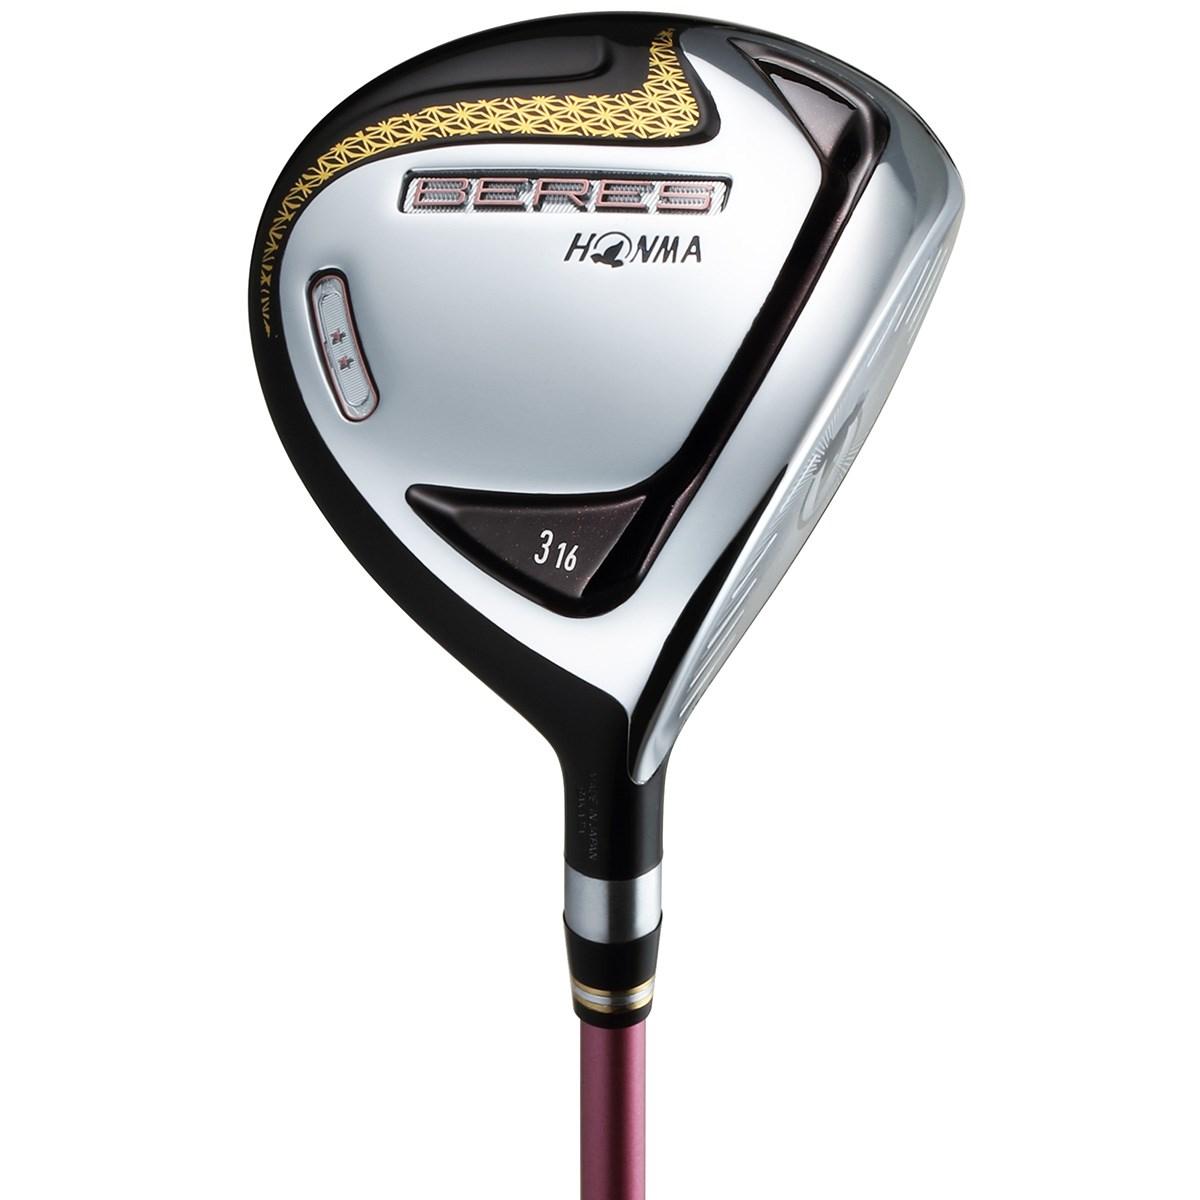 本間ゴルフ BERES ベレス フェアウェイウッド ARMRQ 38 2S シャフト:ARMRQ 38 2S L 5W 19° 41.25inch レディス